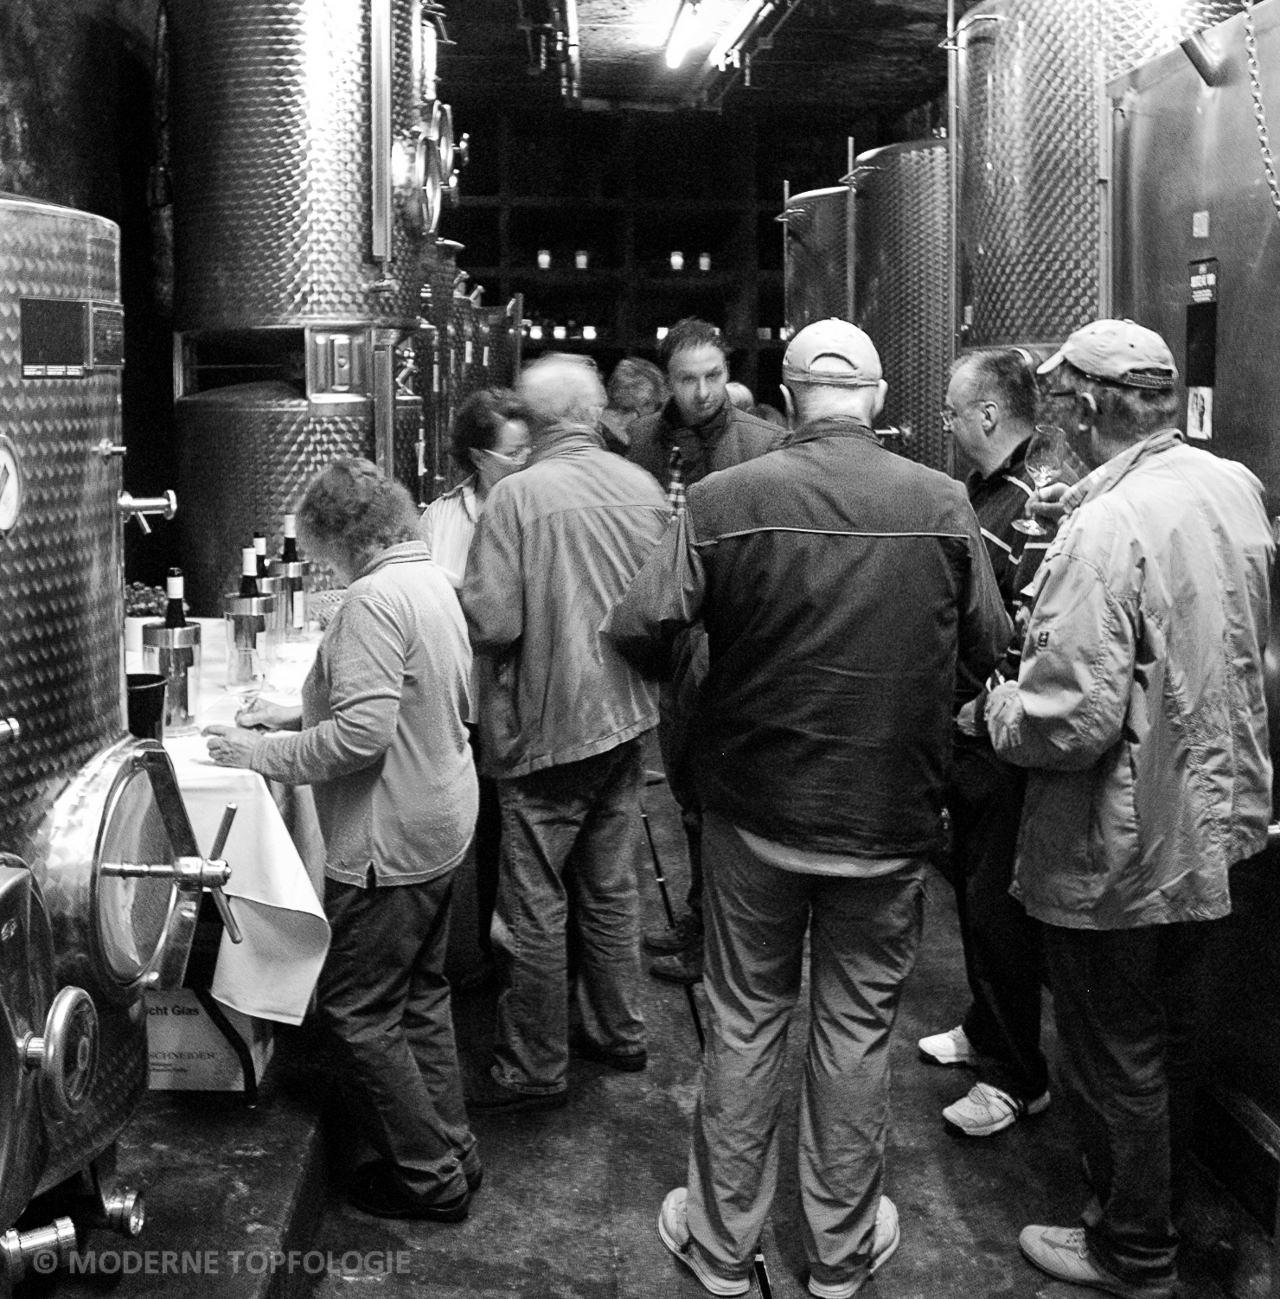 Jahrgangsprobe im Keller des Weingutes Jakob Schneider in Niederhausen an der Nahe